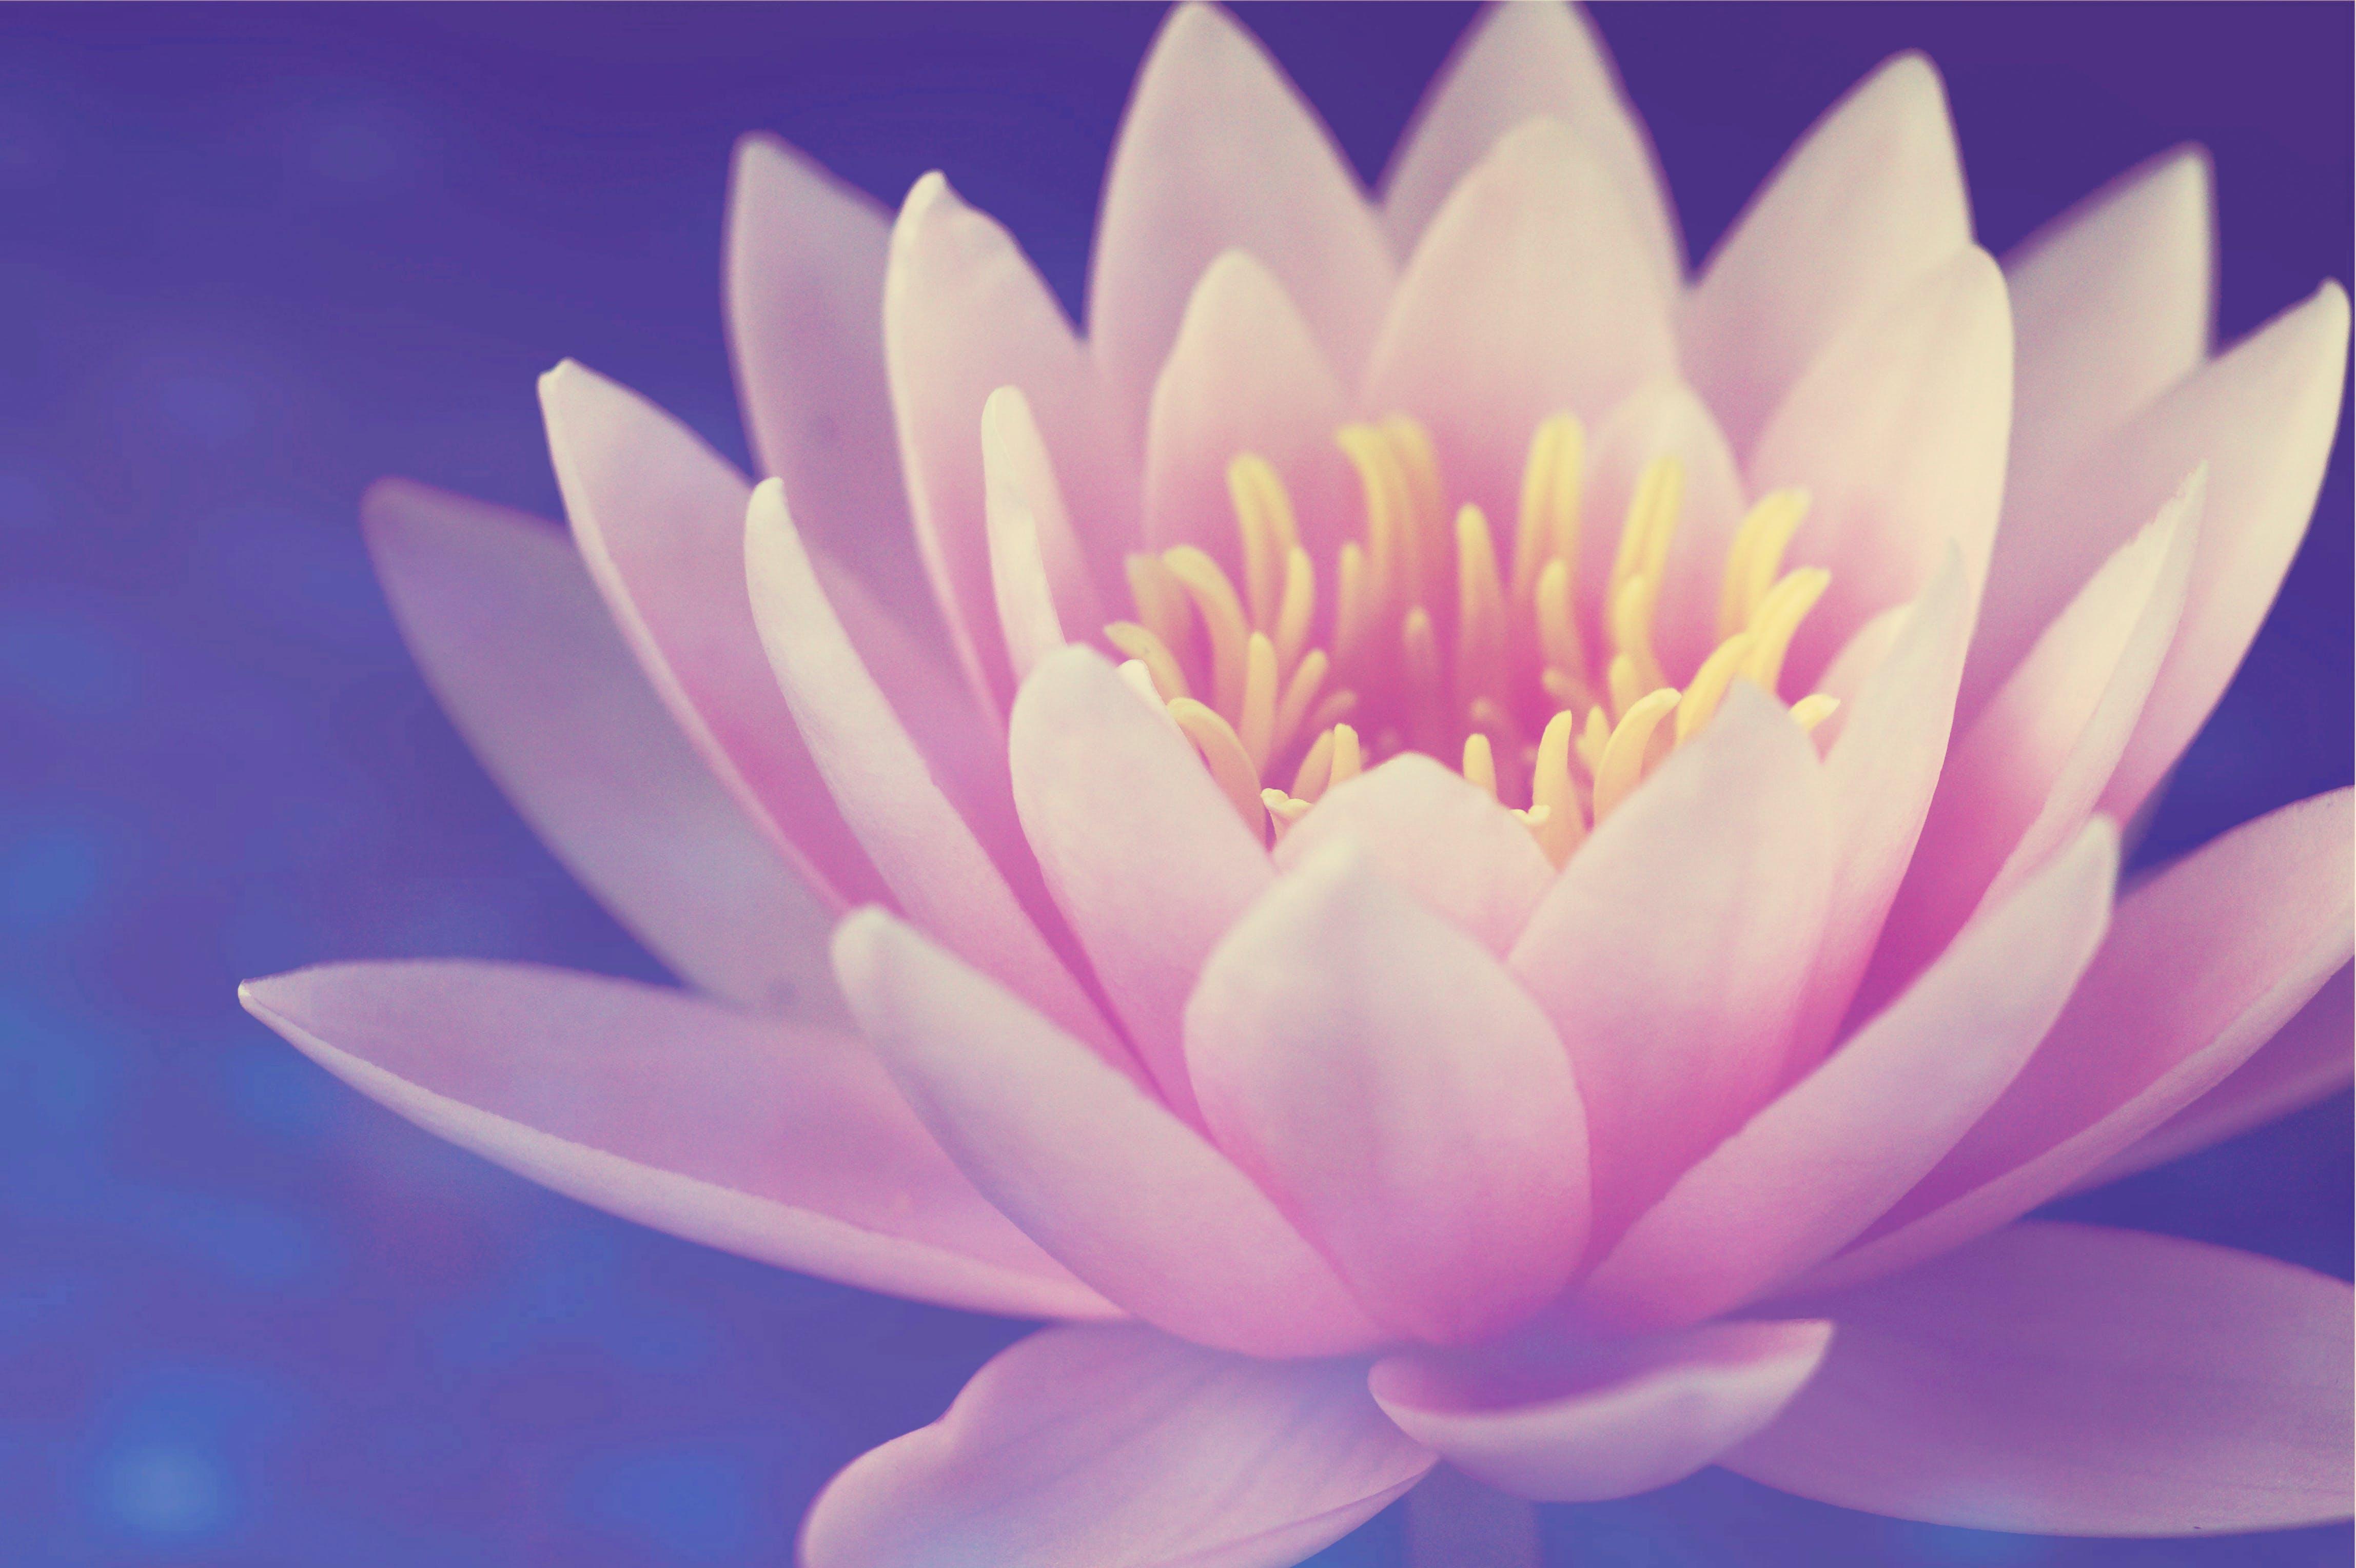 aquatic, aquatic plant, bloom